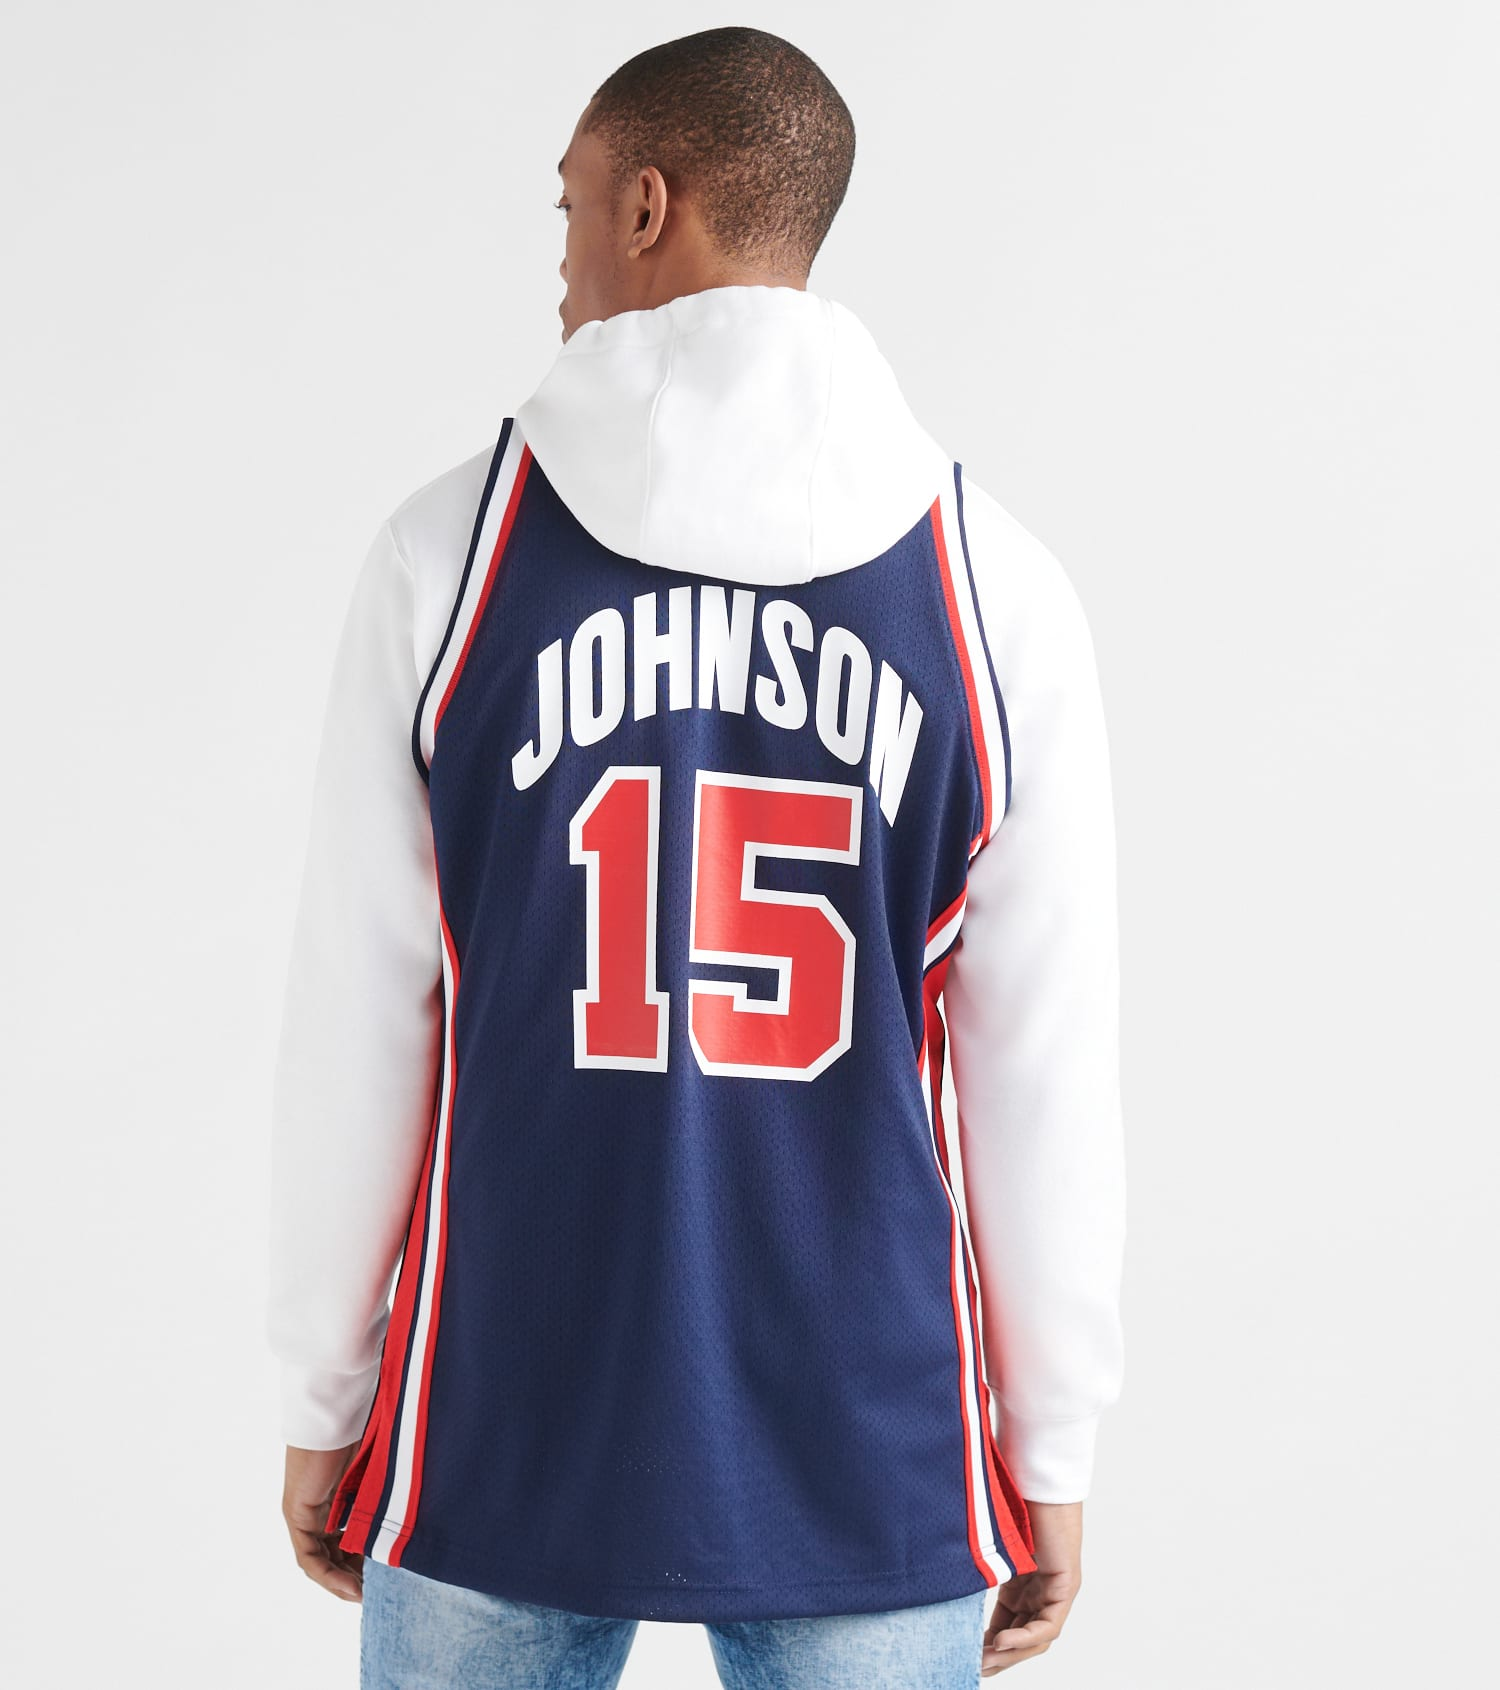 hot sales 4863d 5e6d7 Team USA Magic Johnson Jersey